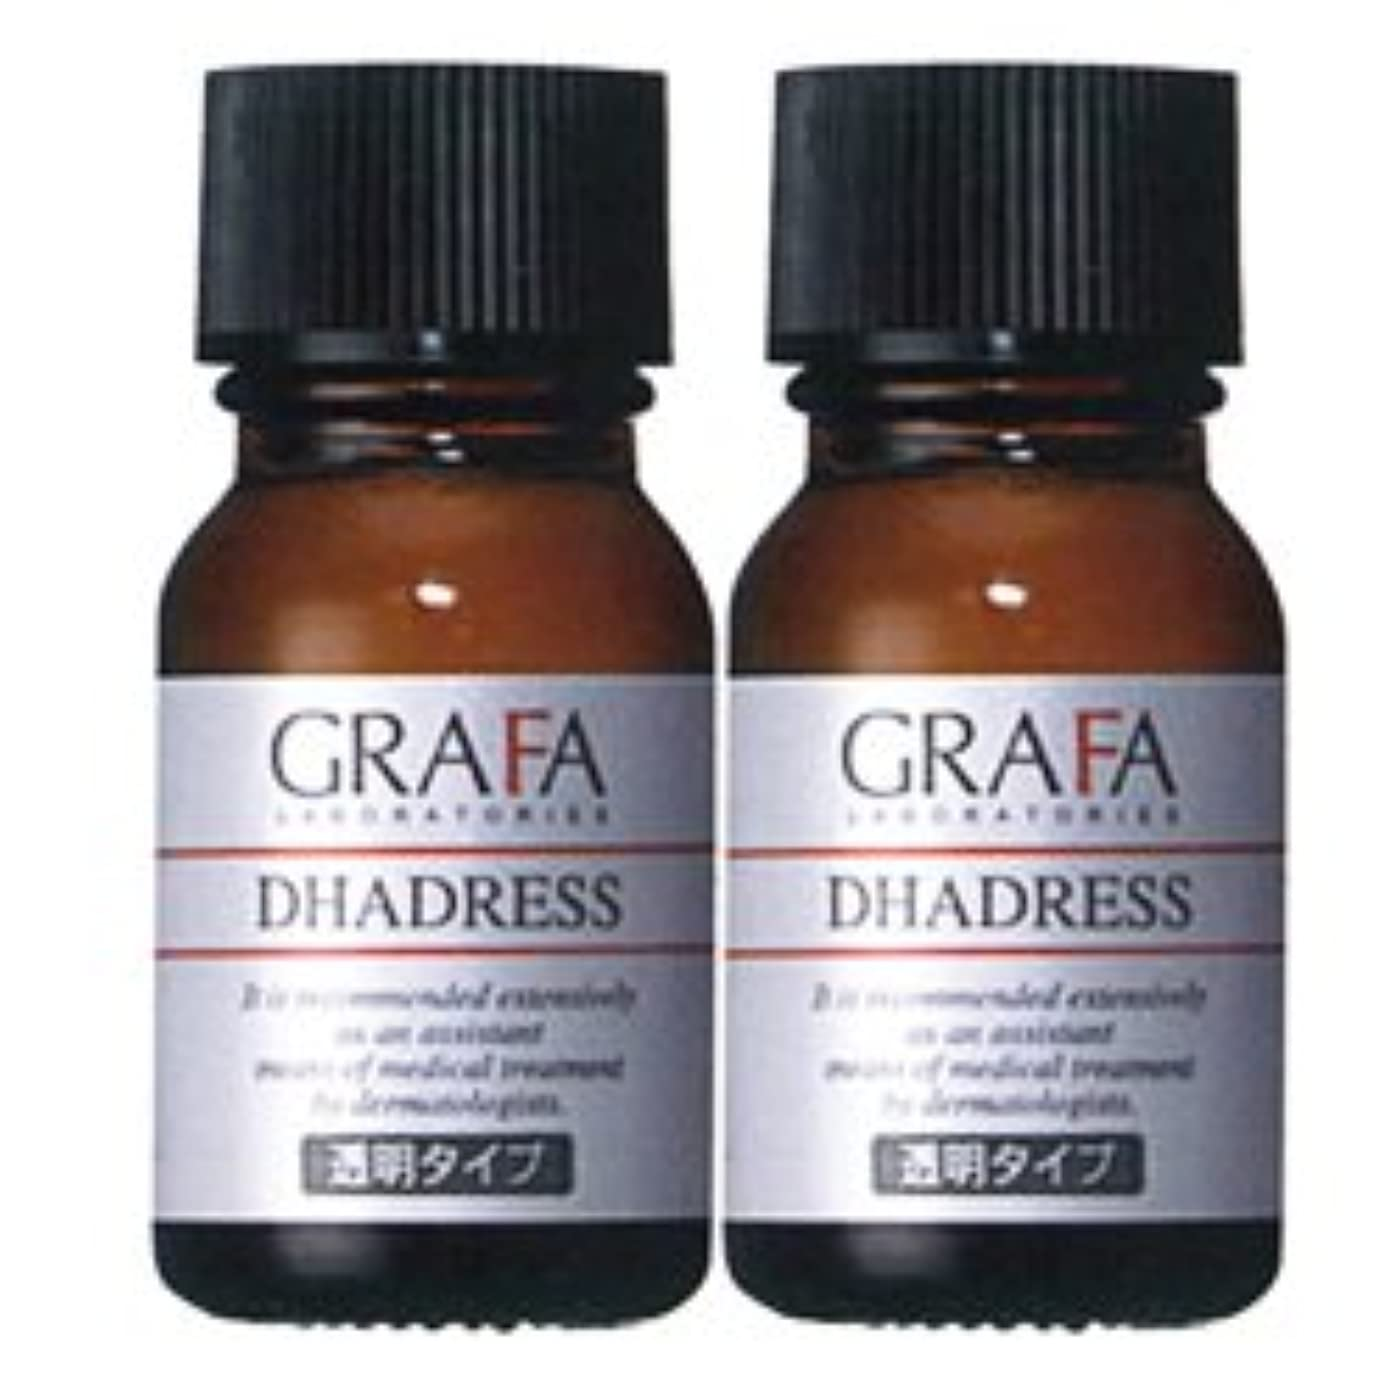 反発性別選ぶグラファ ダドレス (透明タイプ) 11mL 着色用化粧水 GRAFA DHADRESS